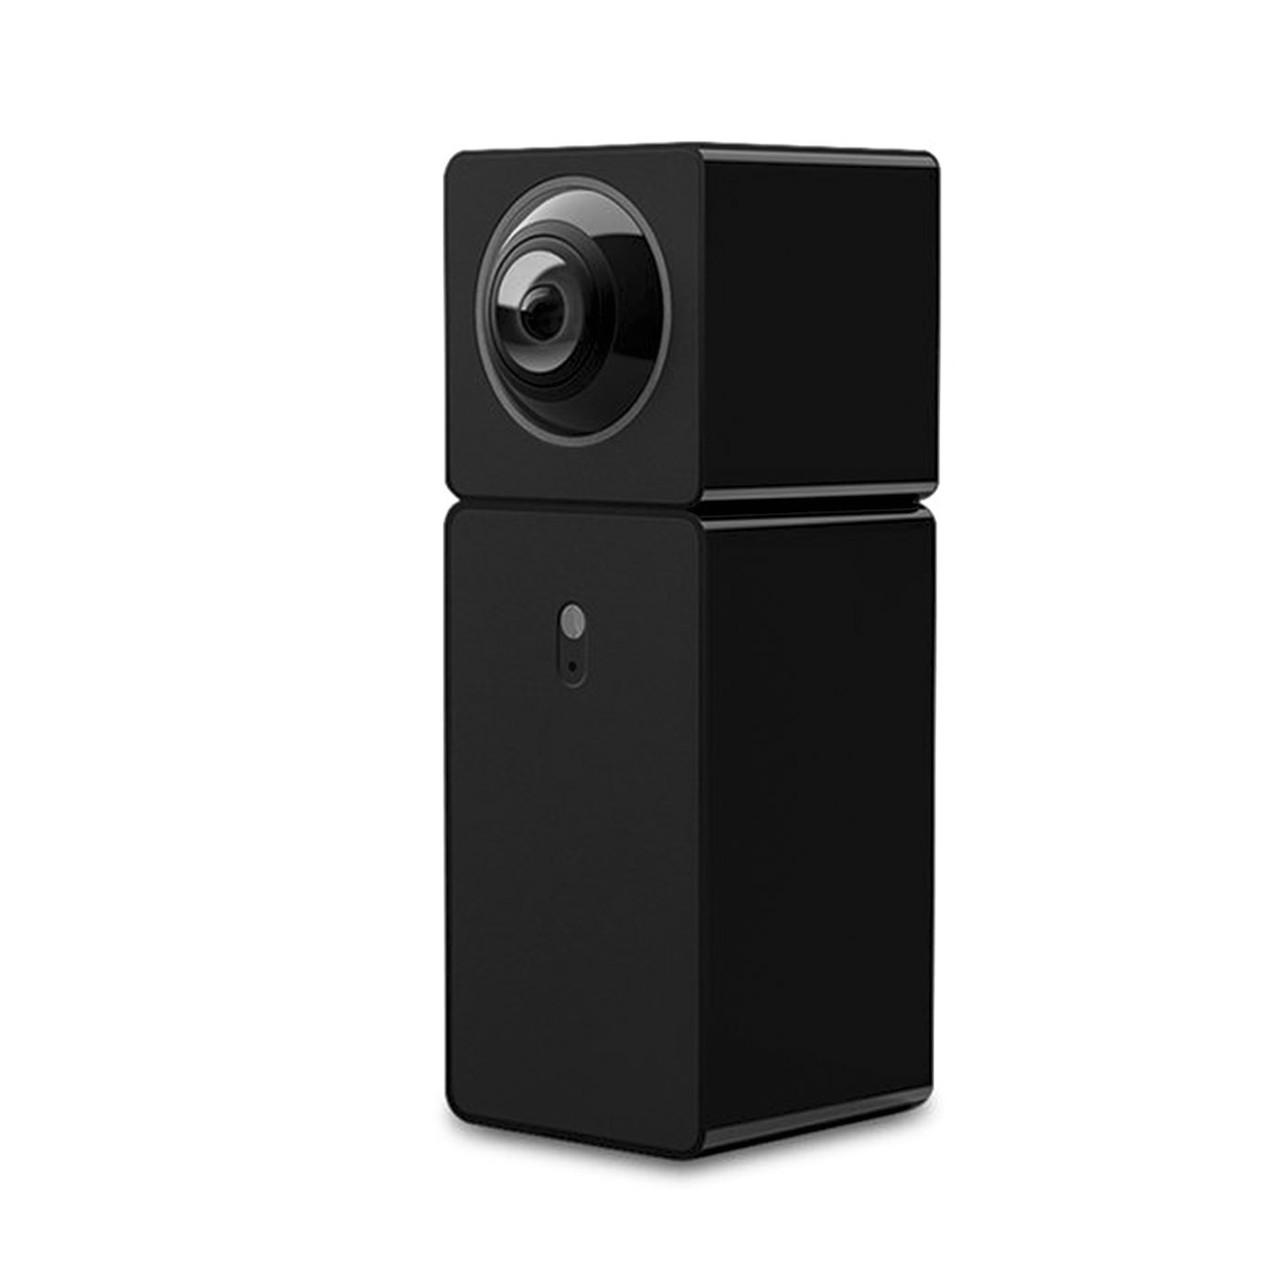 Цифровая камера видеонаблюдения Xiaomi Hualai Xiaofang Smart Dual Camera 360 QF3, Black